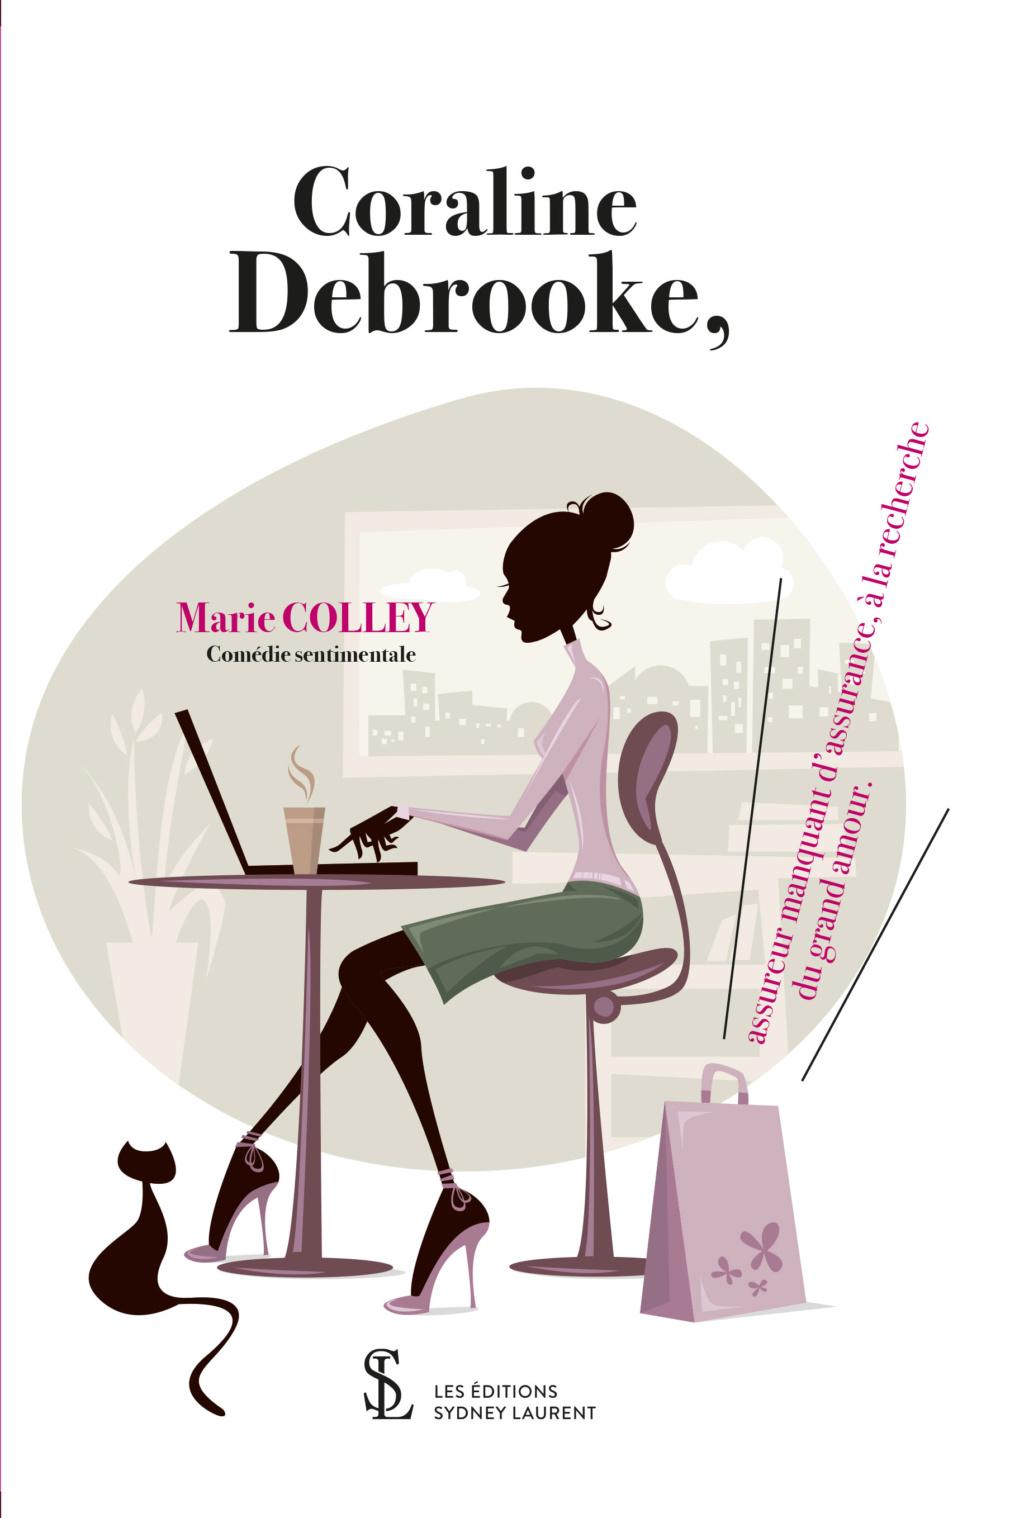 [Colley, Marie] Coraline Debrooke, assureur manquant d'assurance, à la recherche du grand amour Caroli10